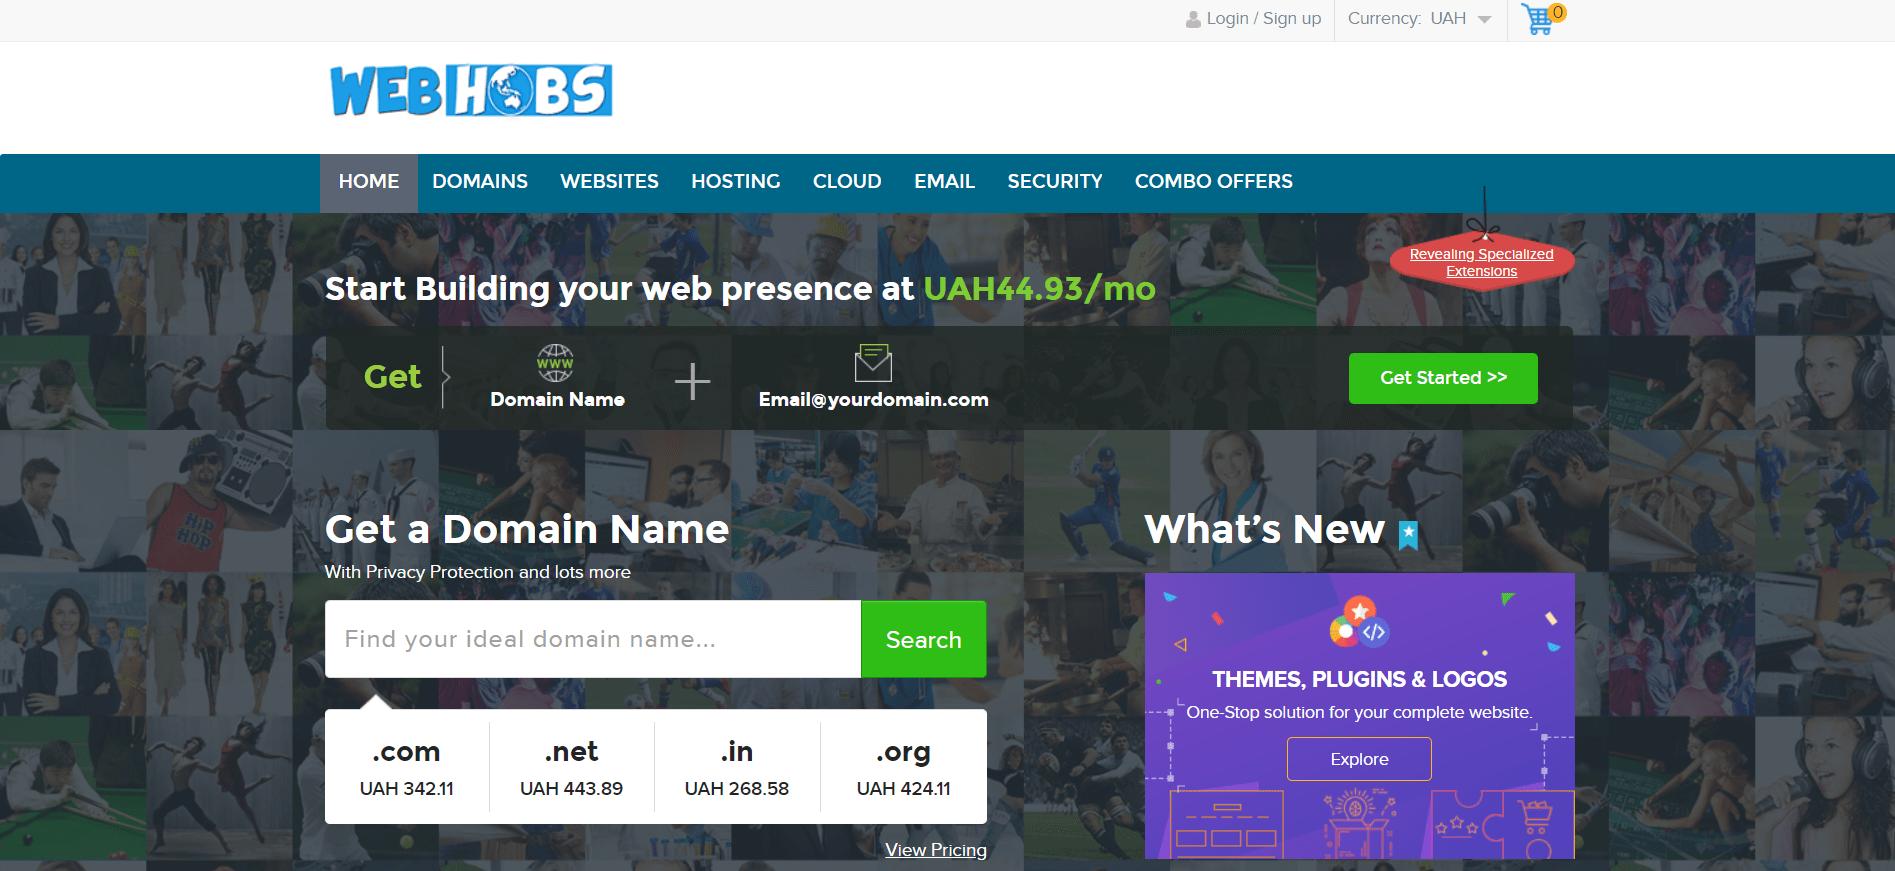 Webhobs